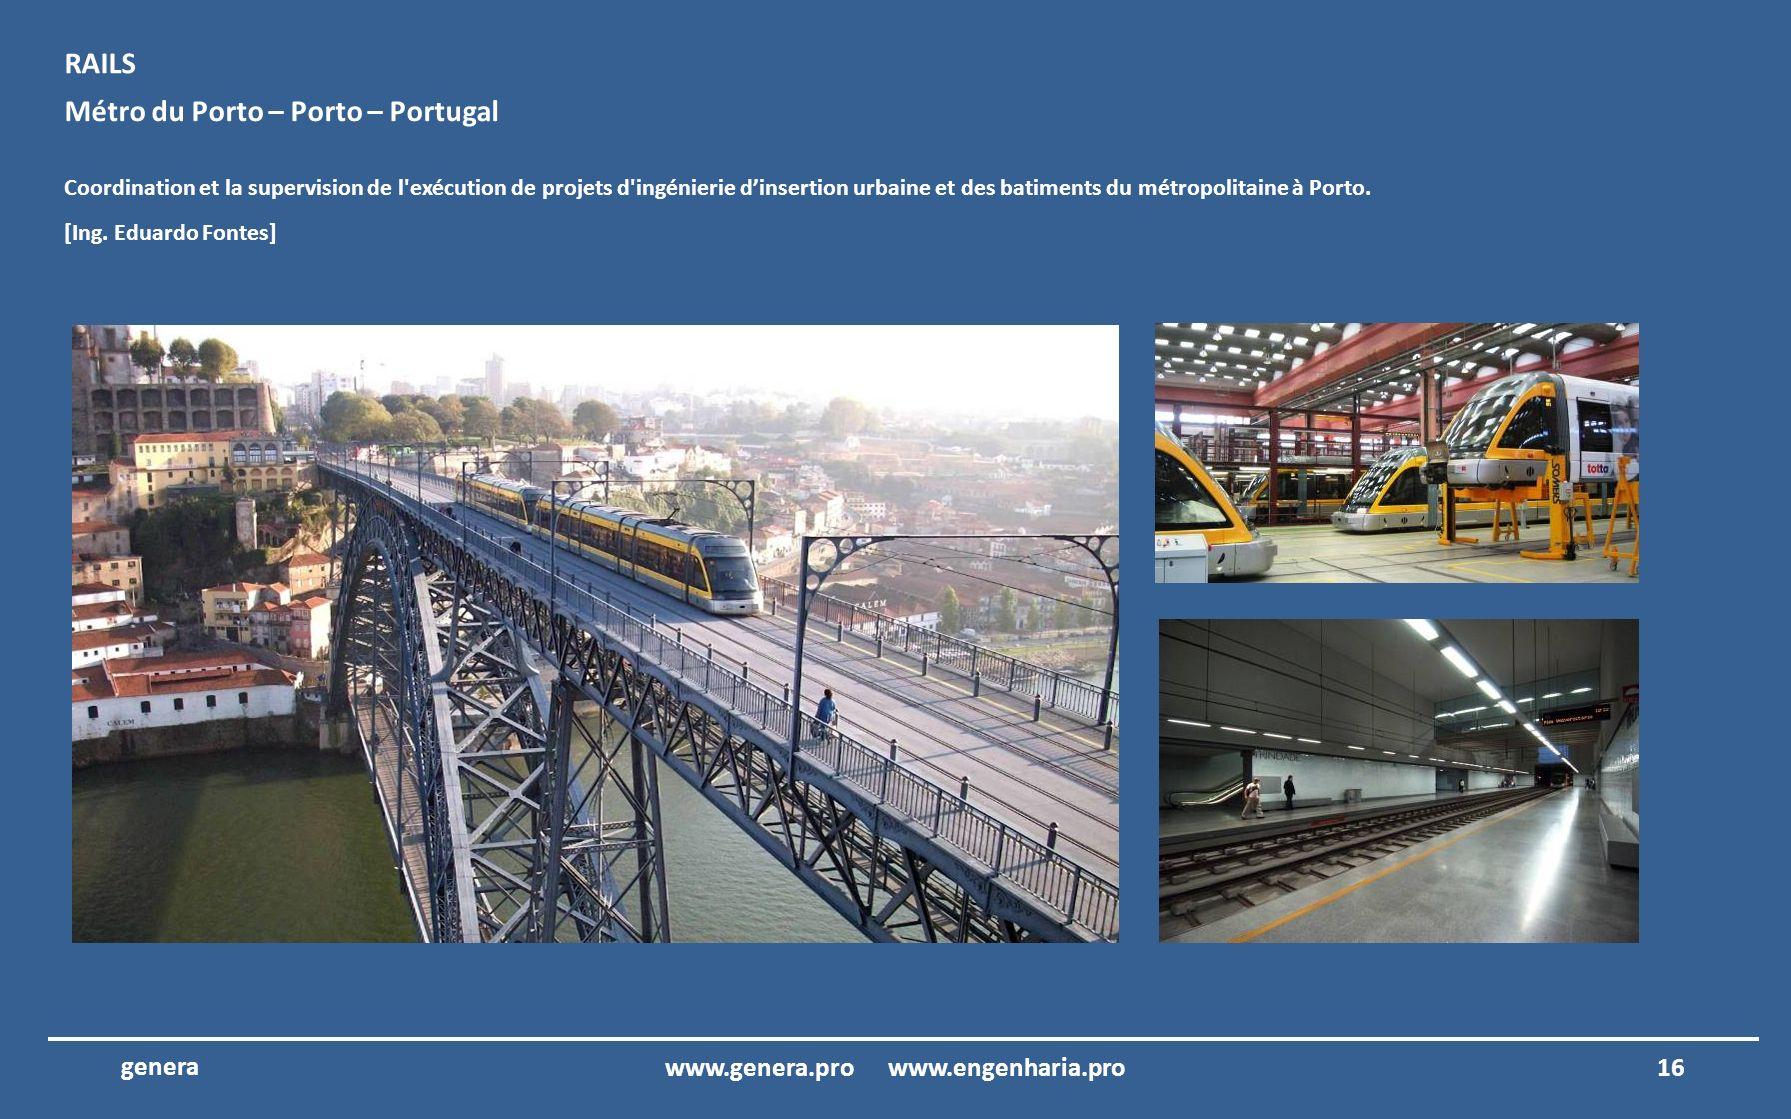 15www.genera.pro www.engenharia.pro genera Hôtel Porto Santo – Porto Santo – Madeira Coordination et la supervision de l exécution de projets d électricité, de télécommunications, de sécurité intégré et CVC.